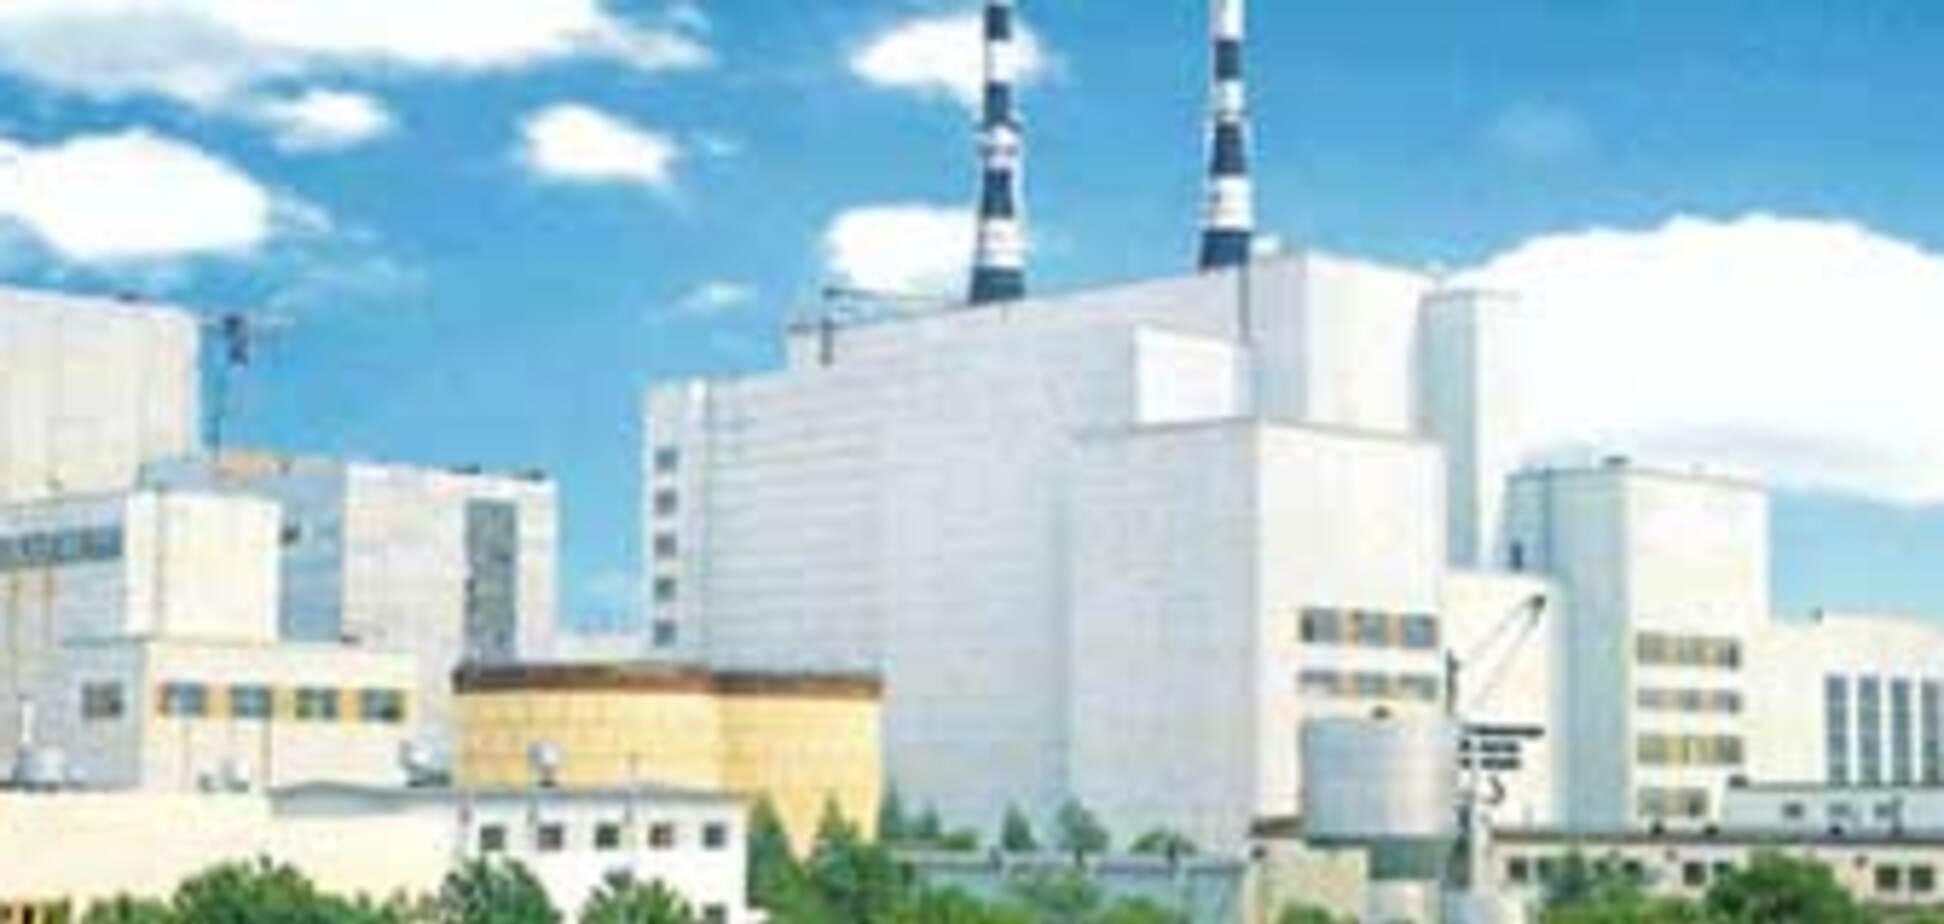 Аварія на Рівненській АЕС, 'потік' енергоблок